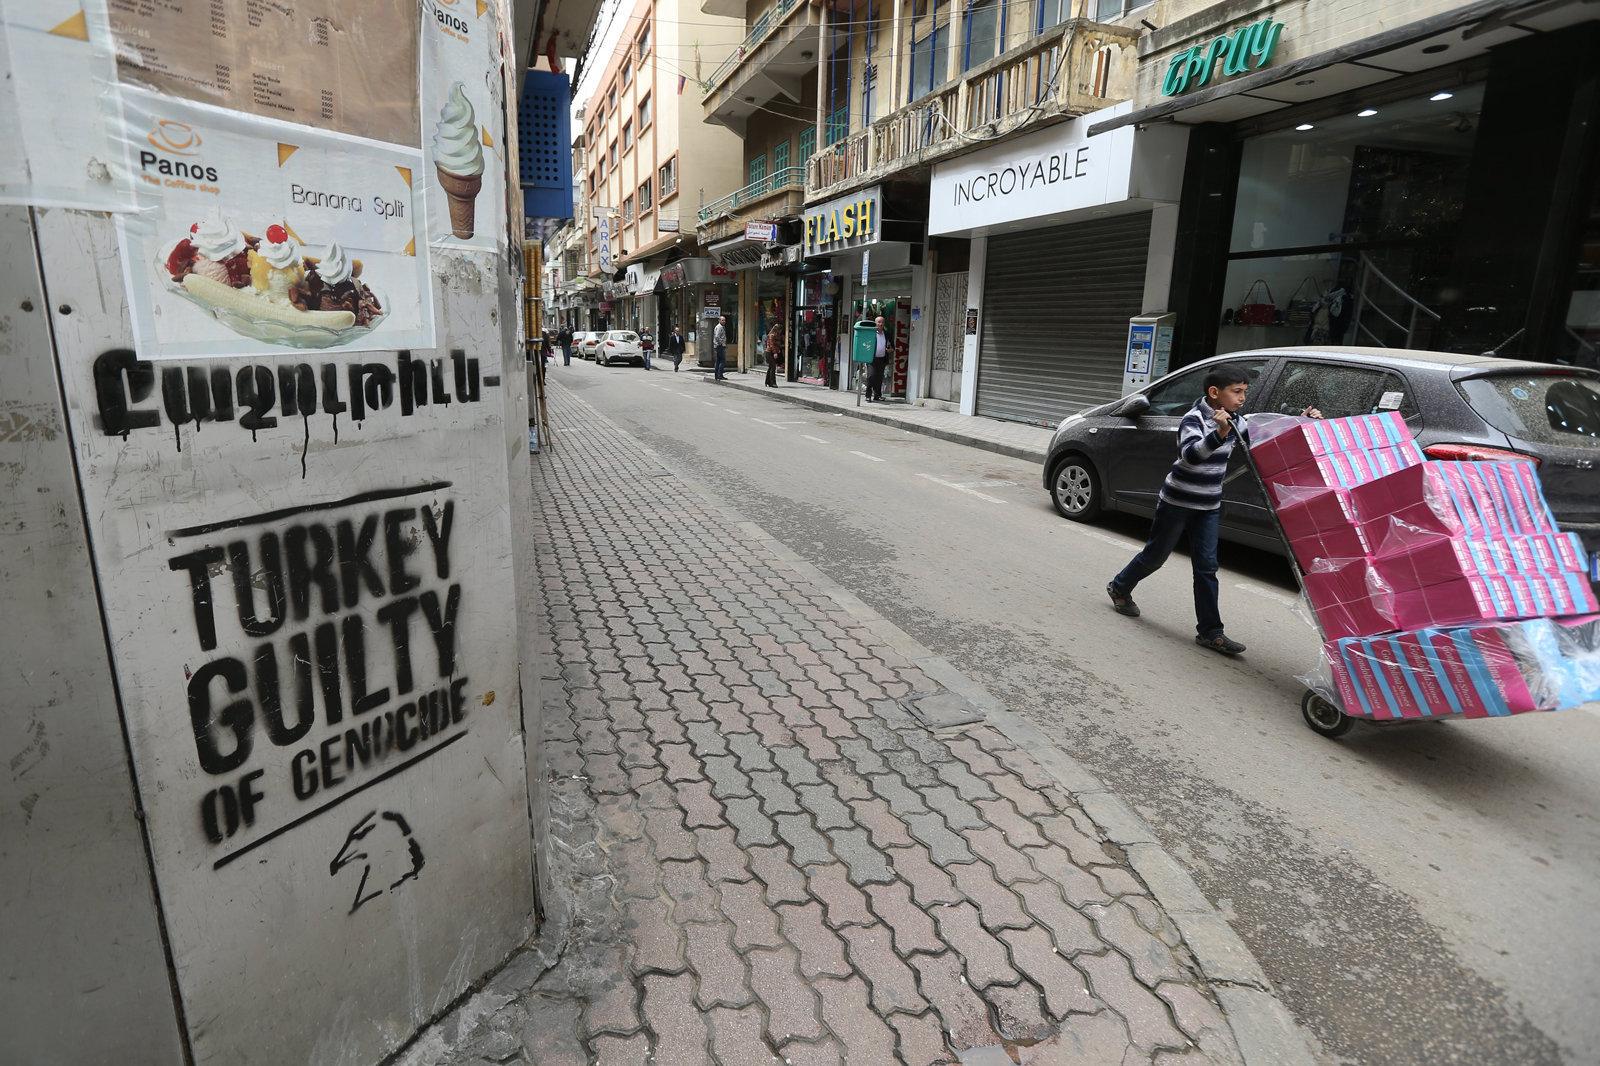 Улица ливанского города Бурдж Амуд или Маленькая Армения как ее часто называют